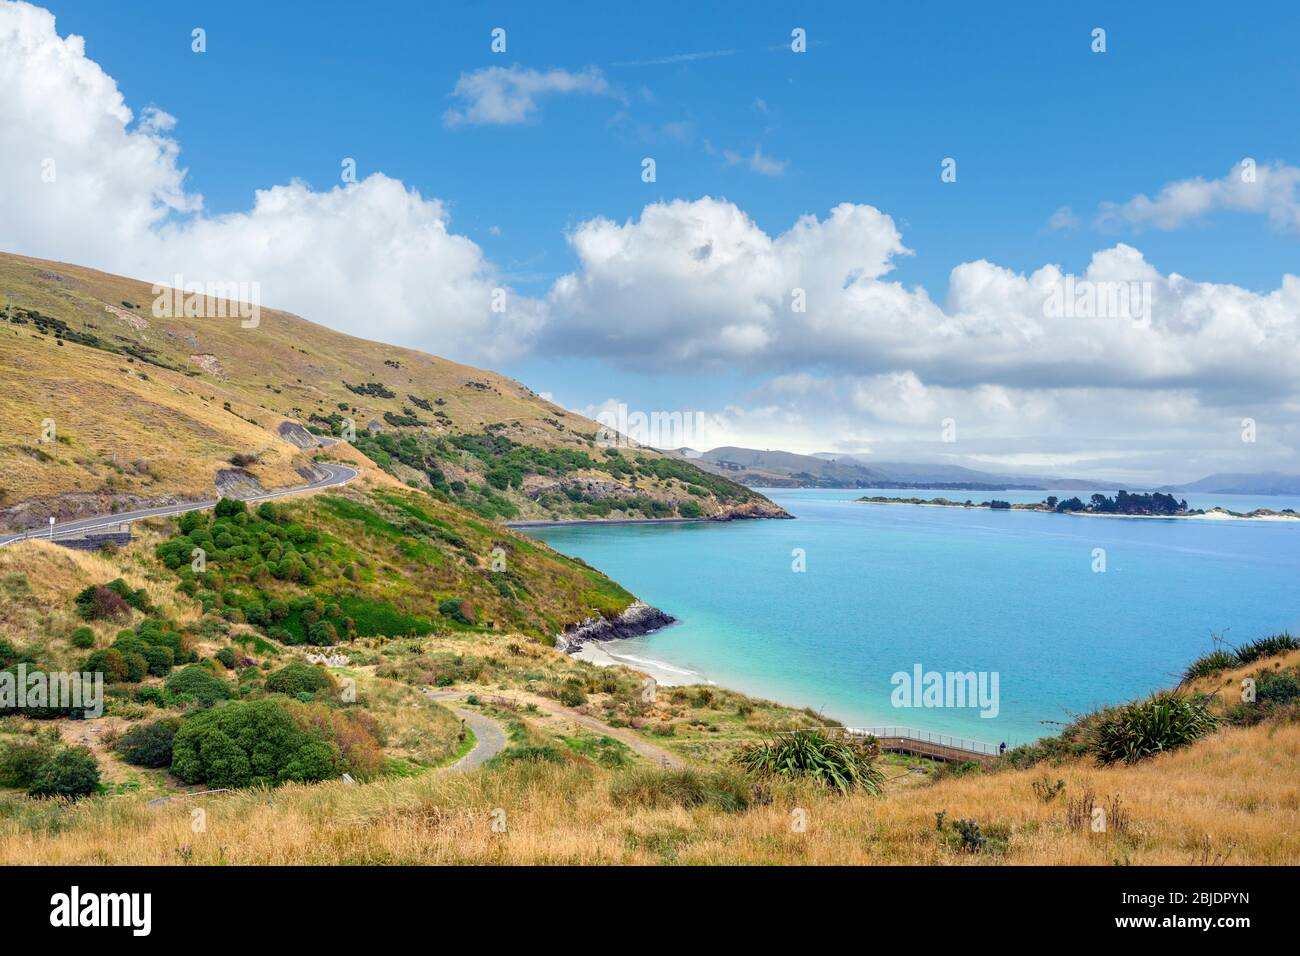 Plage à Taiaroa Head près du Royal Albatros Center, Dunedin, Otago, Nouvelle-Zélande Banque D'Images